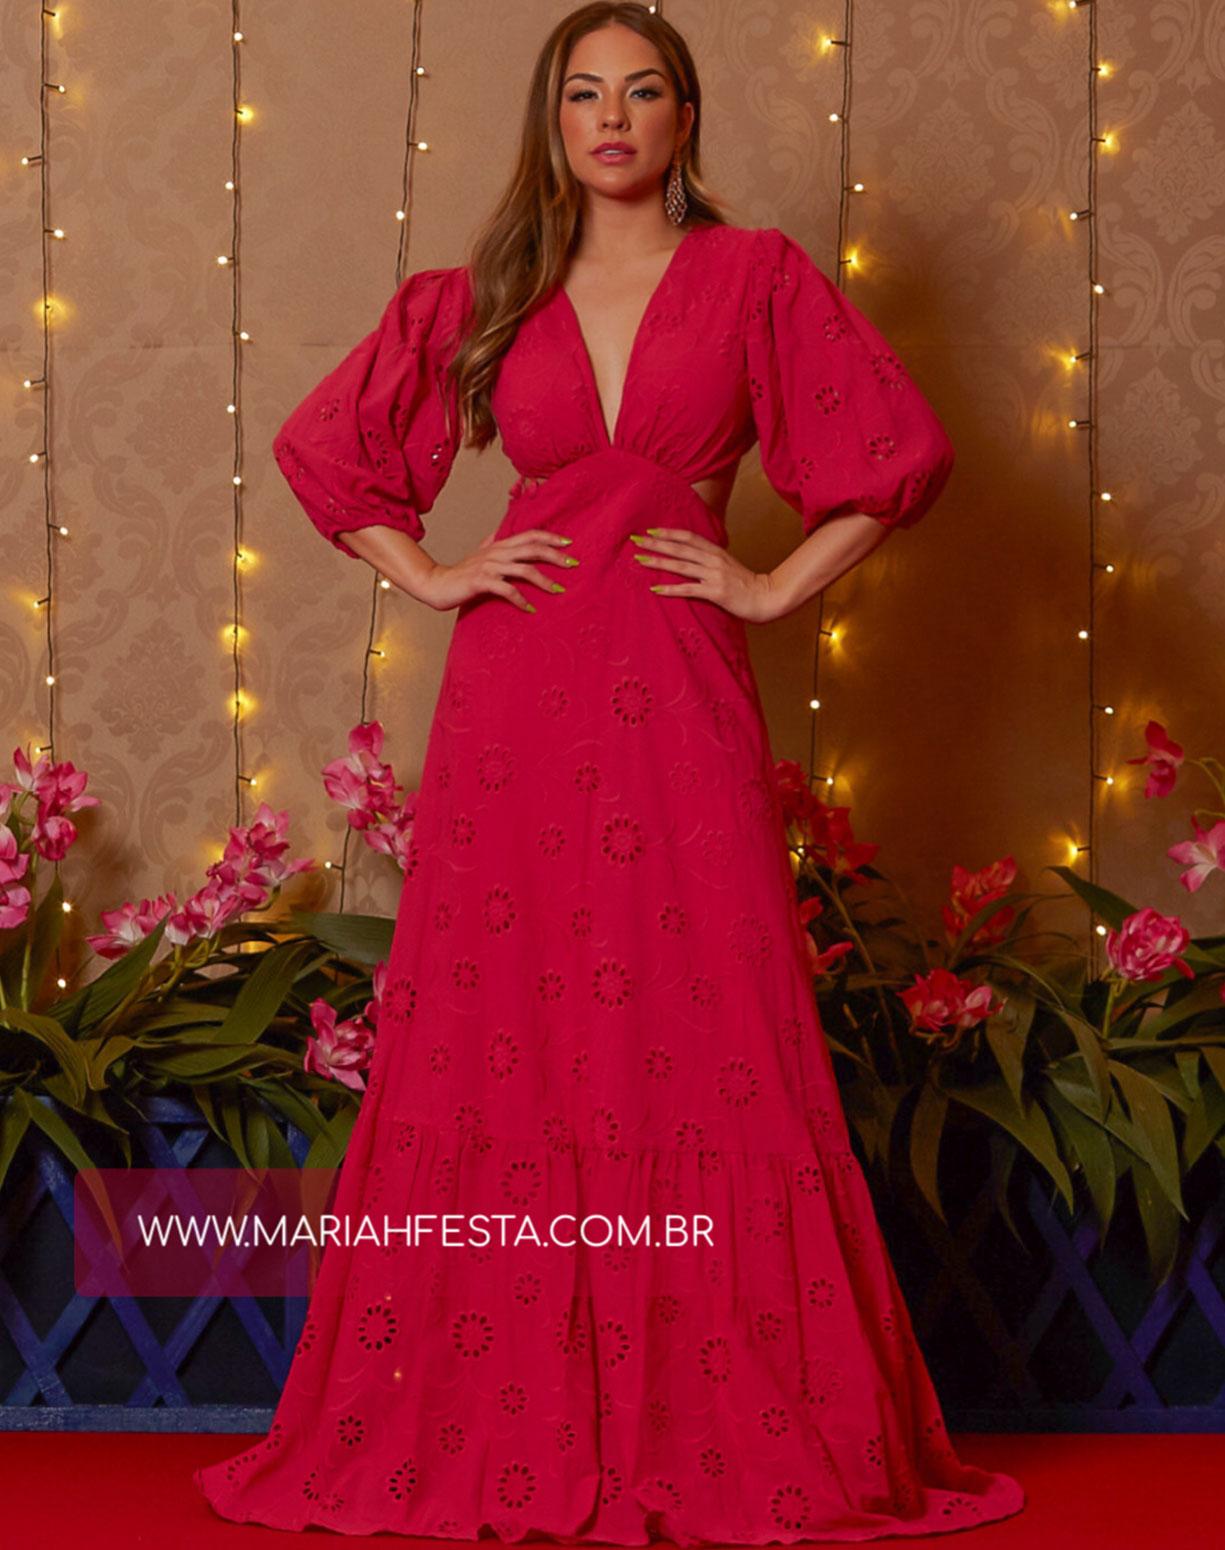 Vestido Rosa Pink  em Laise com Decotes